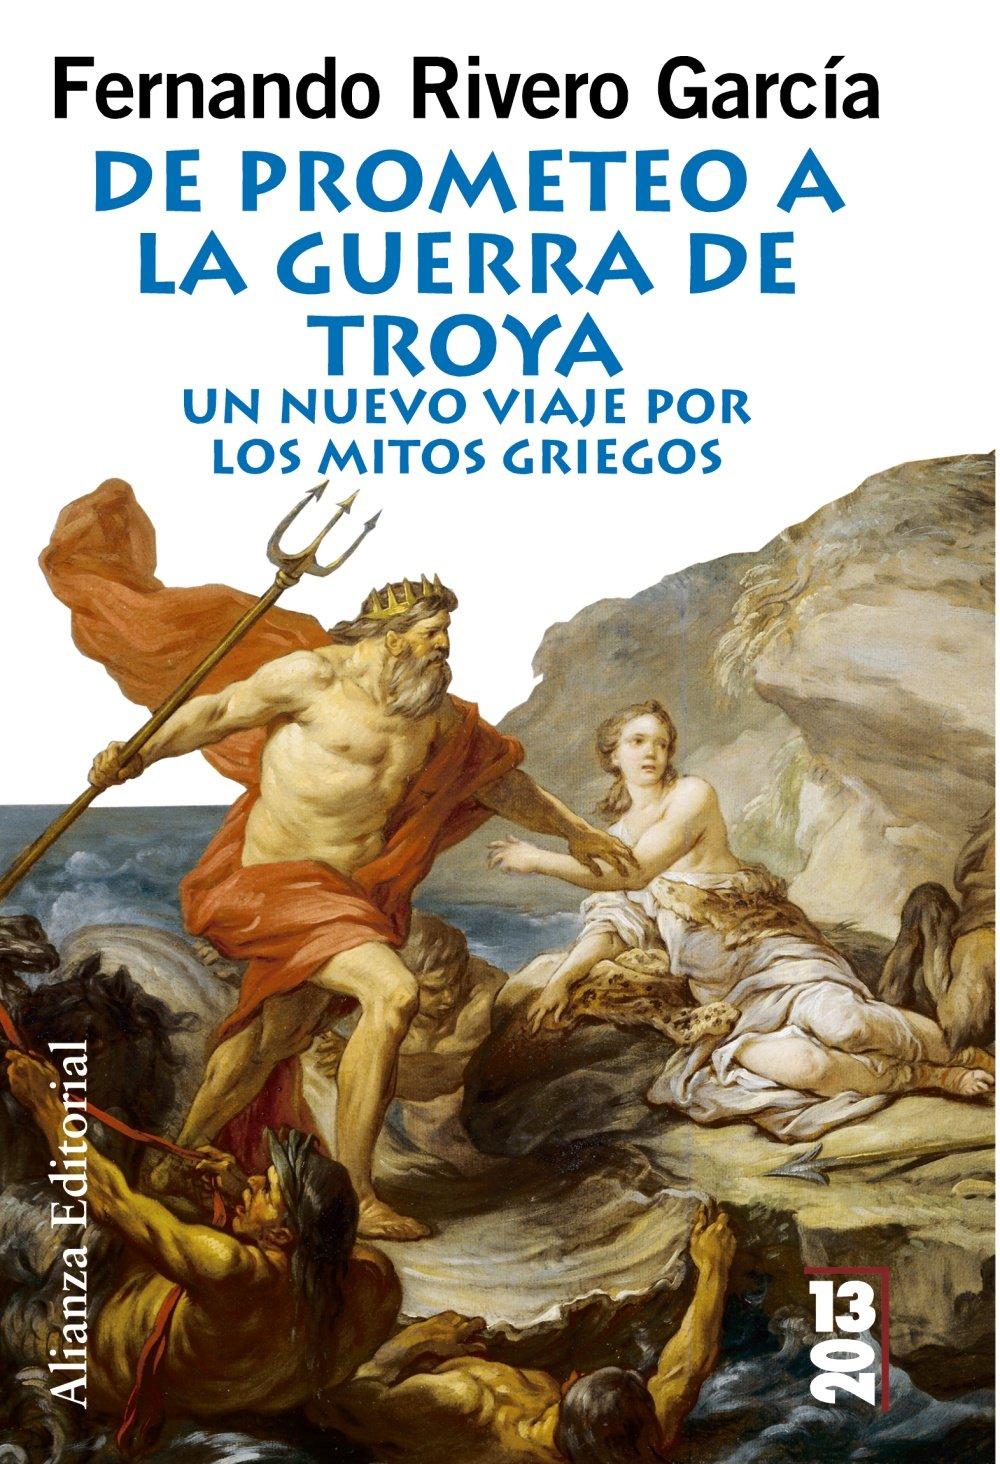 De Prometeo a la Guerra de Troya: Un nuevo viaje por los mitos griegos (13/20) Tapa blanda – 23 may 2011 Fernando Rivero Alianza 8420652873 CDL_2-3_0025614